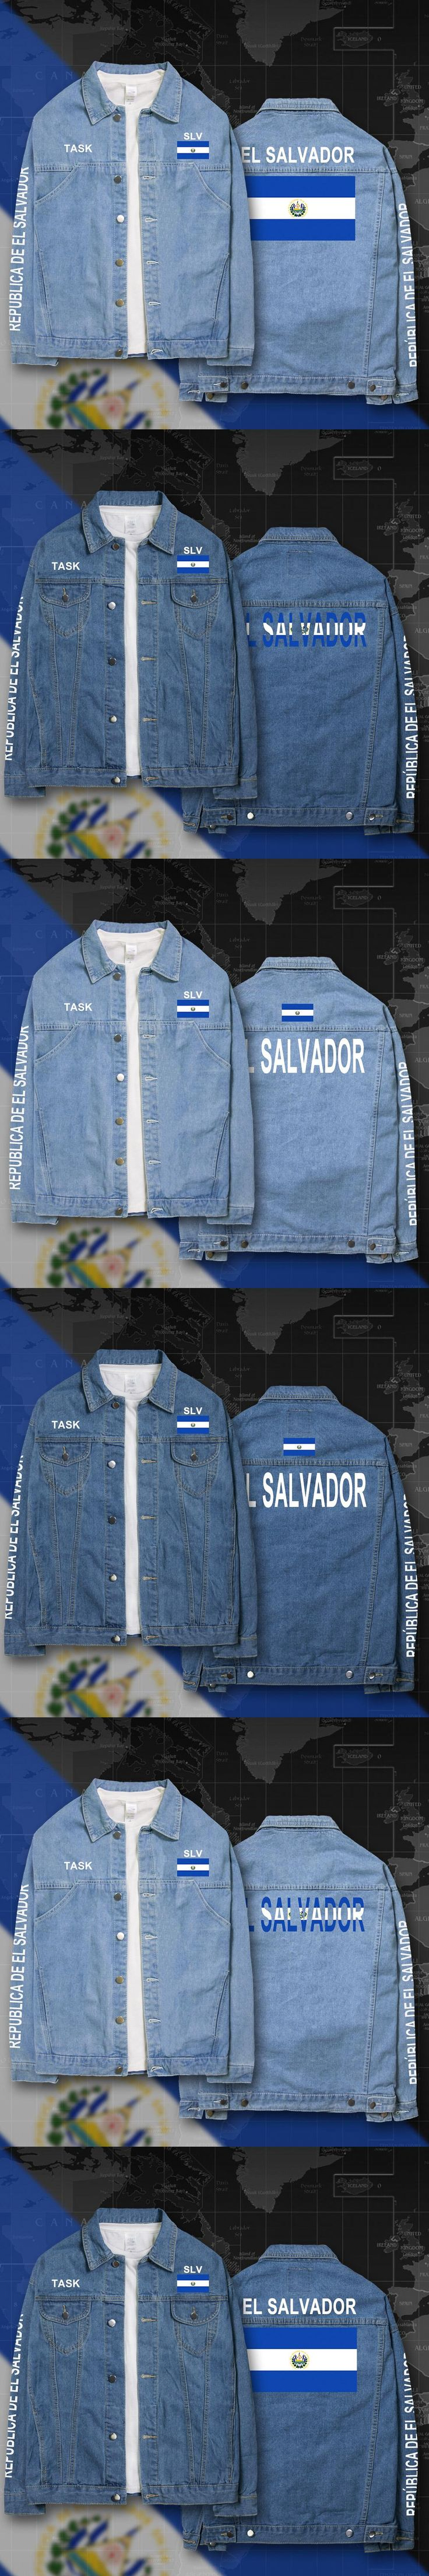 El Salvador Salvadoran SLV denim jackets men coat men's suits jeans jacket thin jaquetas 2017 sunscreen autumn spring nation fla